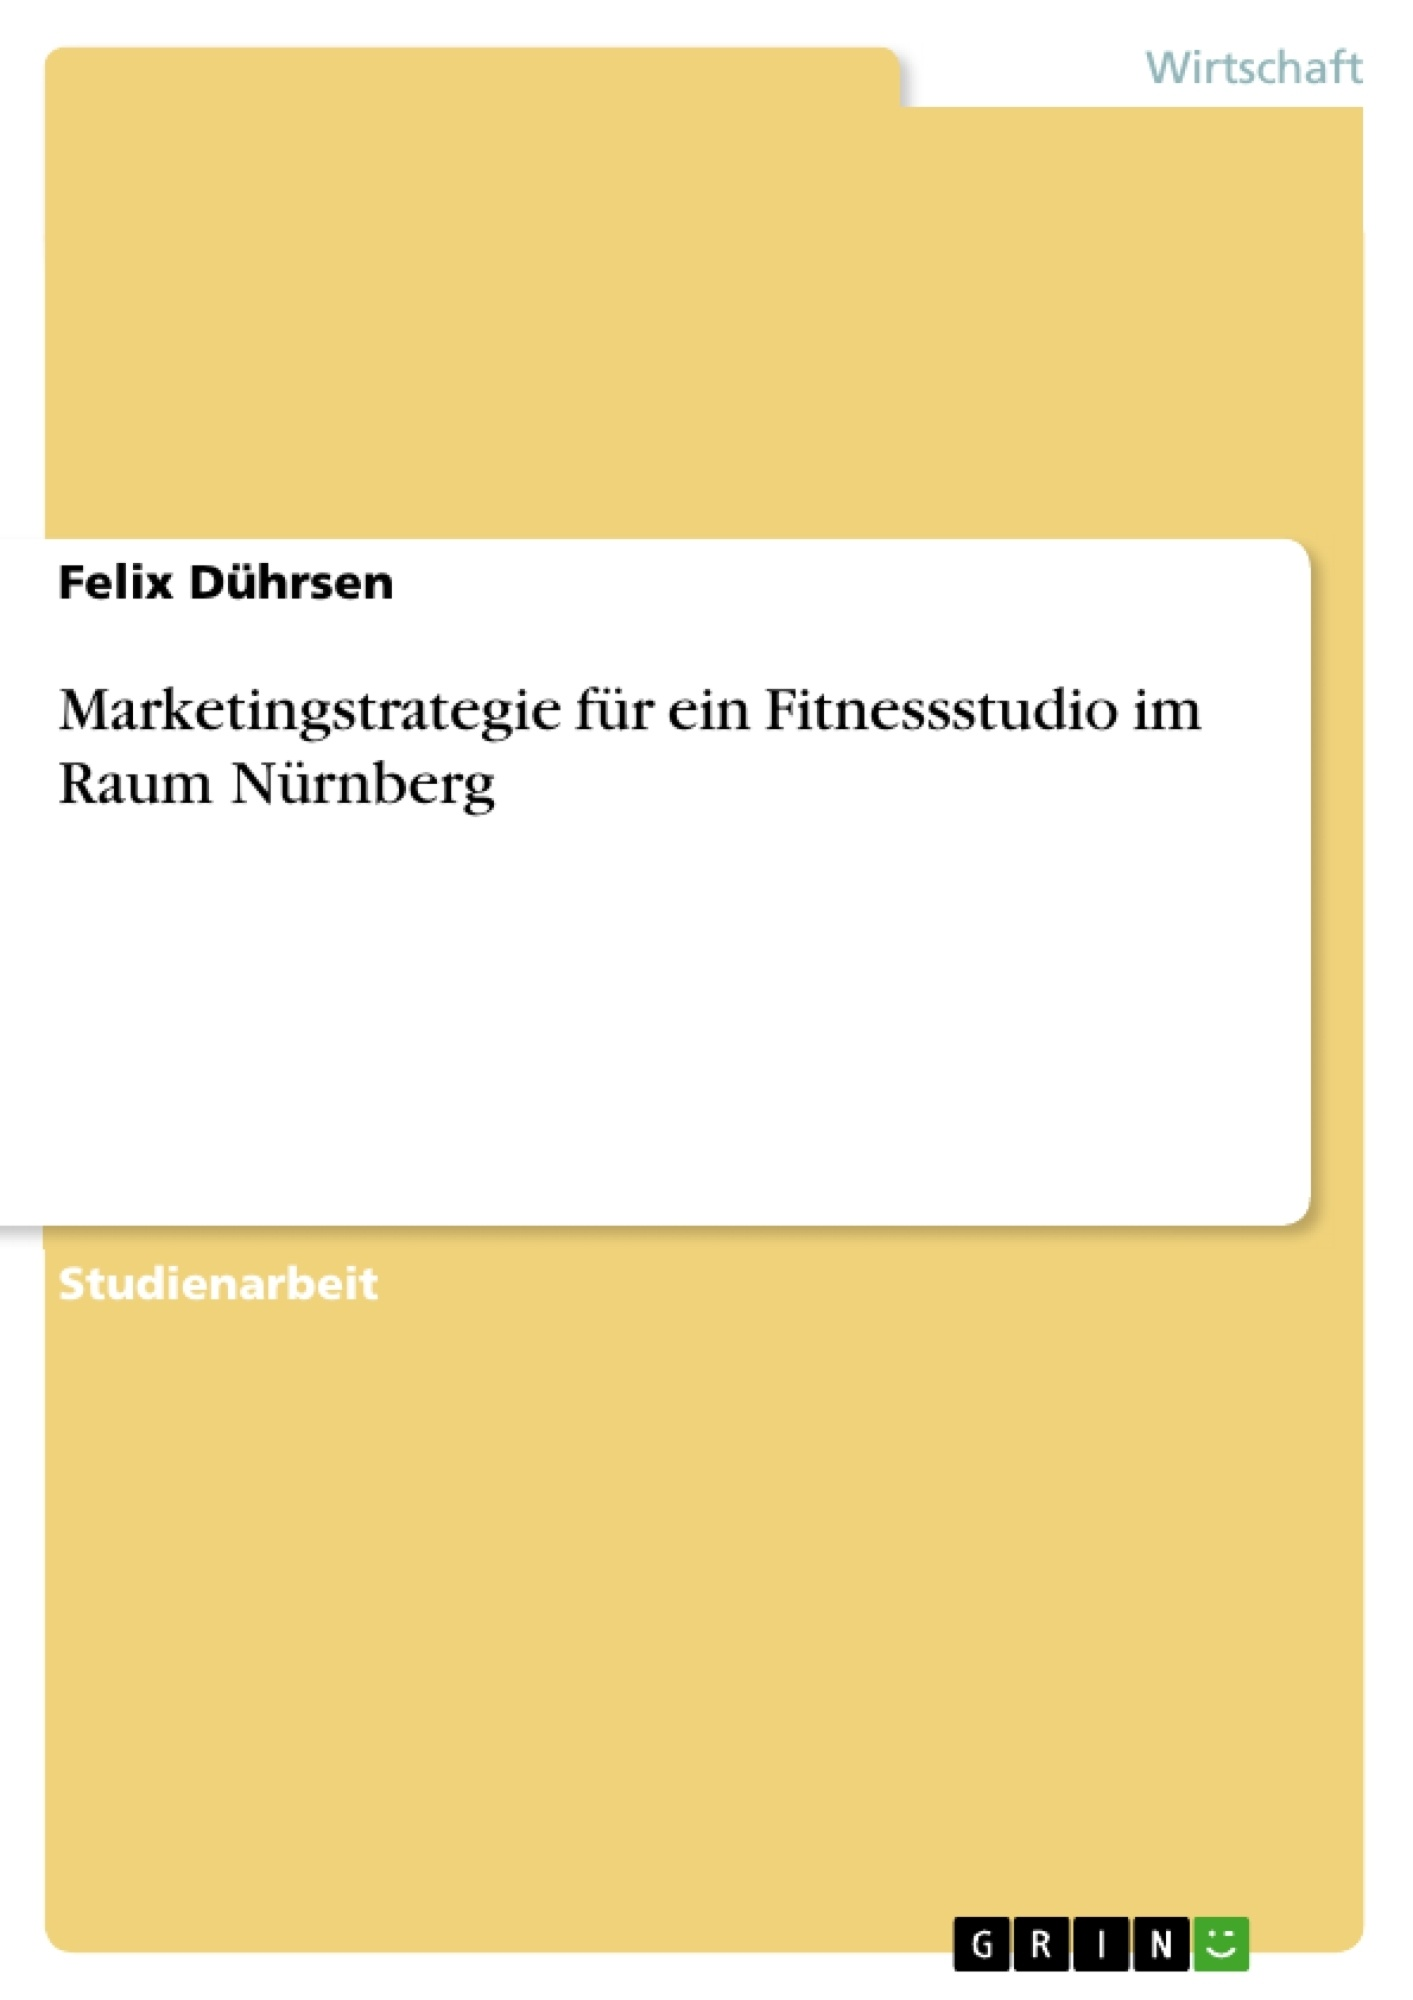 Titel: Marketingstrategie für ein Fitnessstudio im Raum Nürnberg